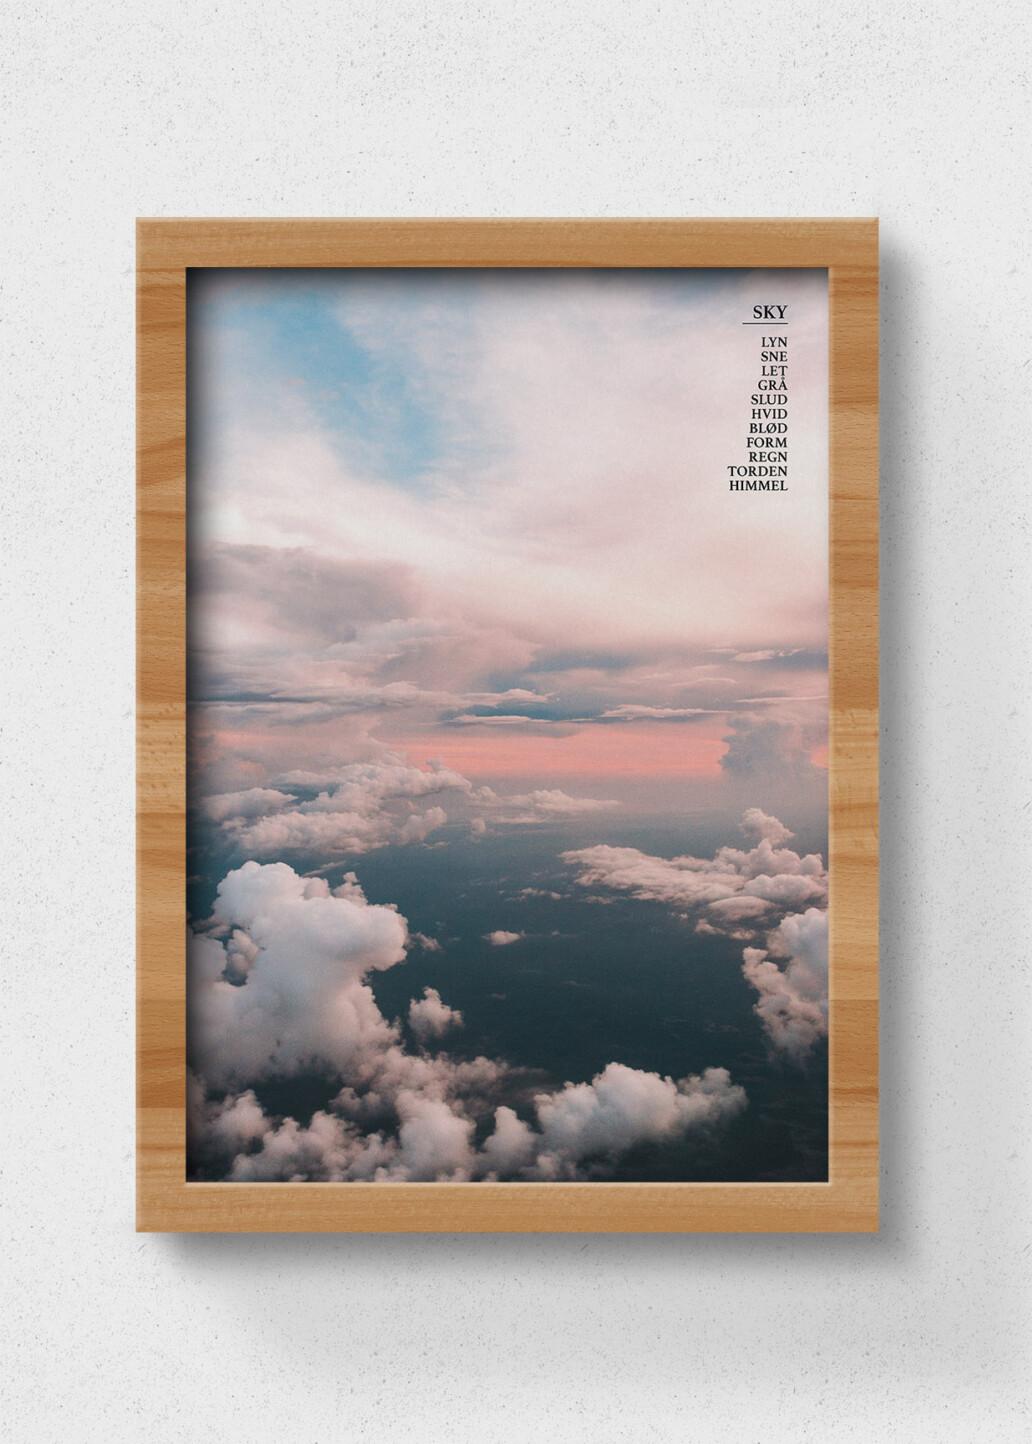 plakat af sky